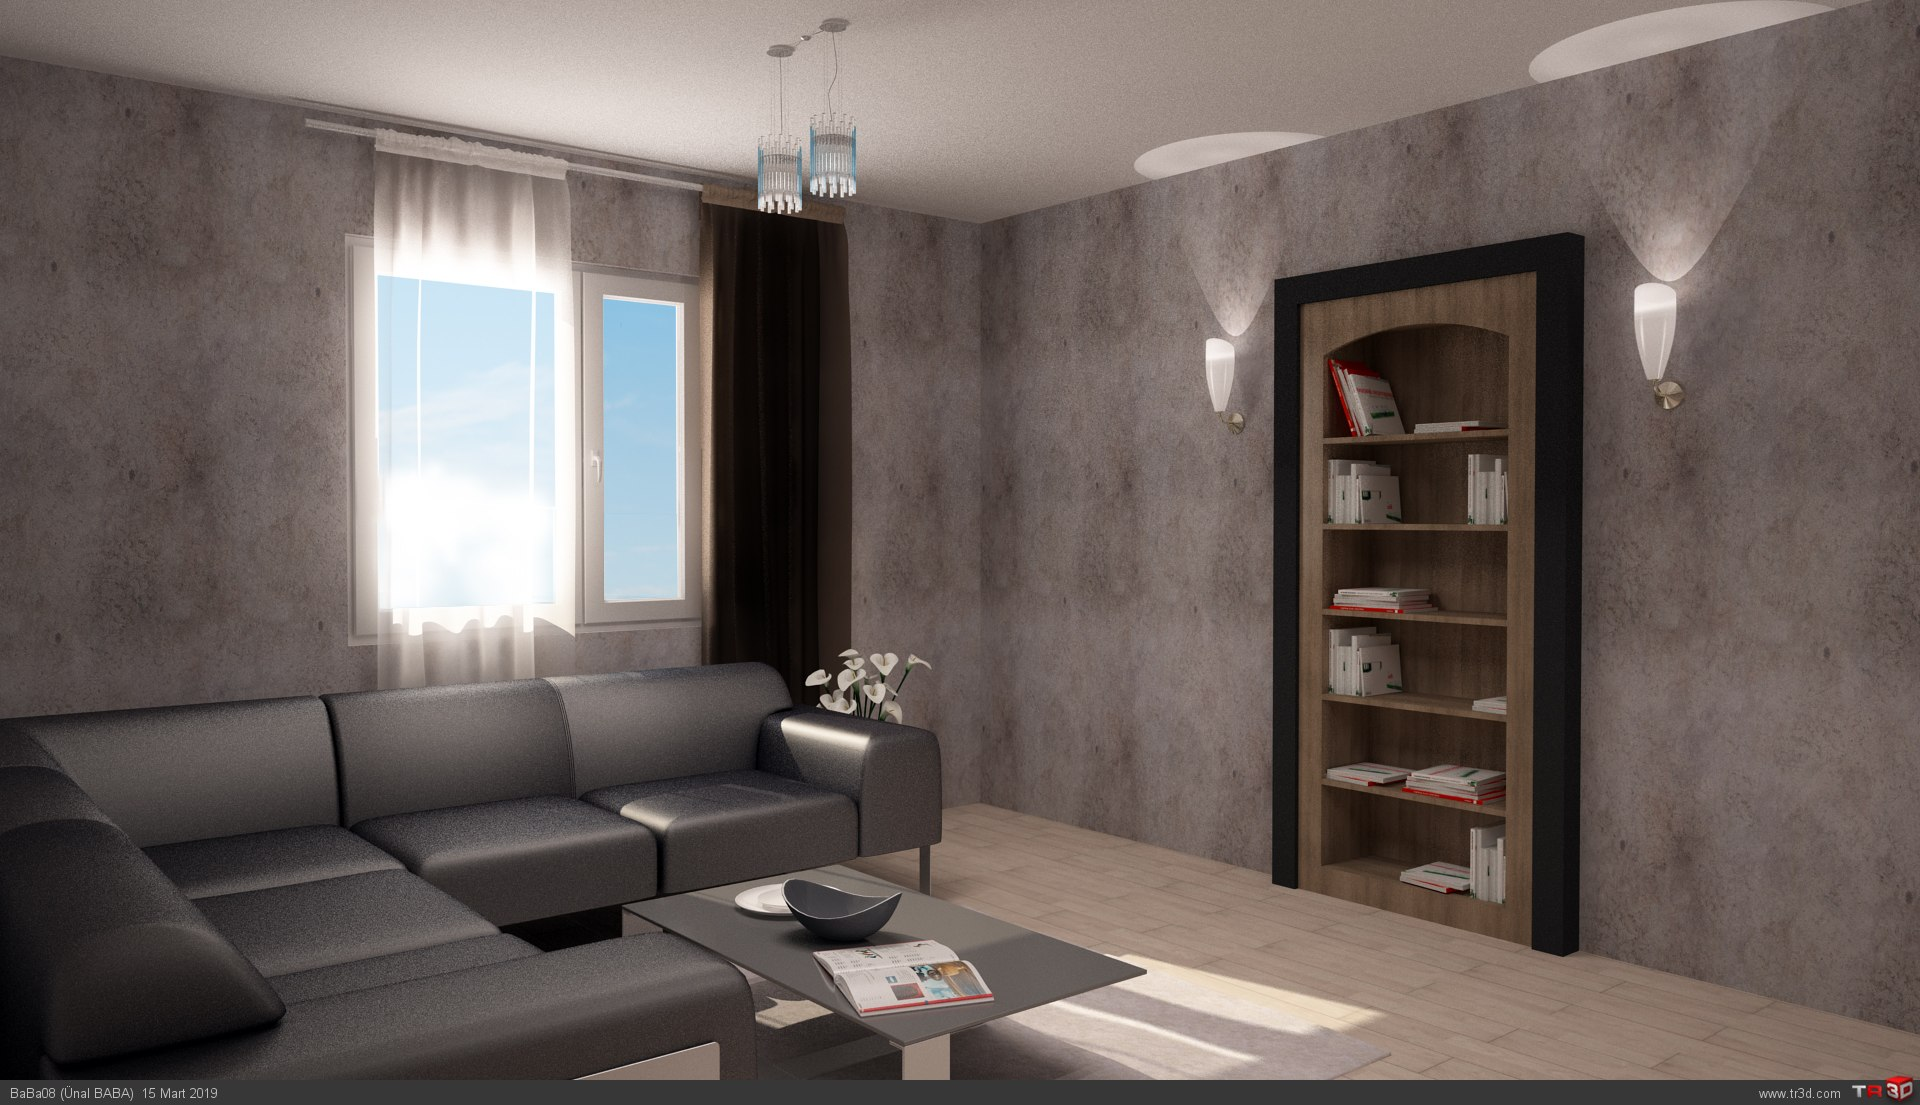 Villa İç Dekorasyonu - Oturma Odası ve Giyinme Odası 1